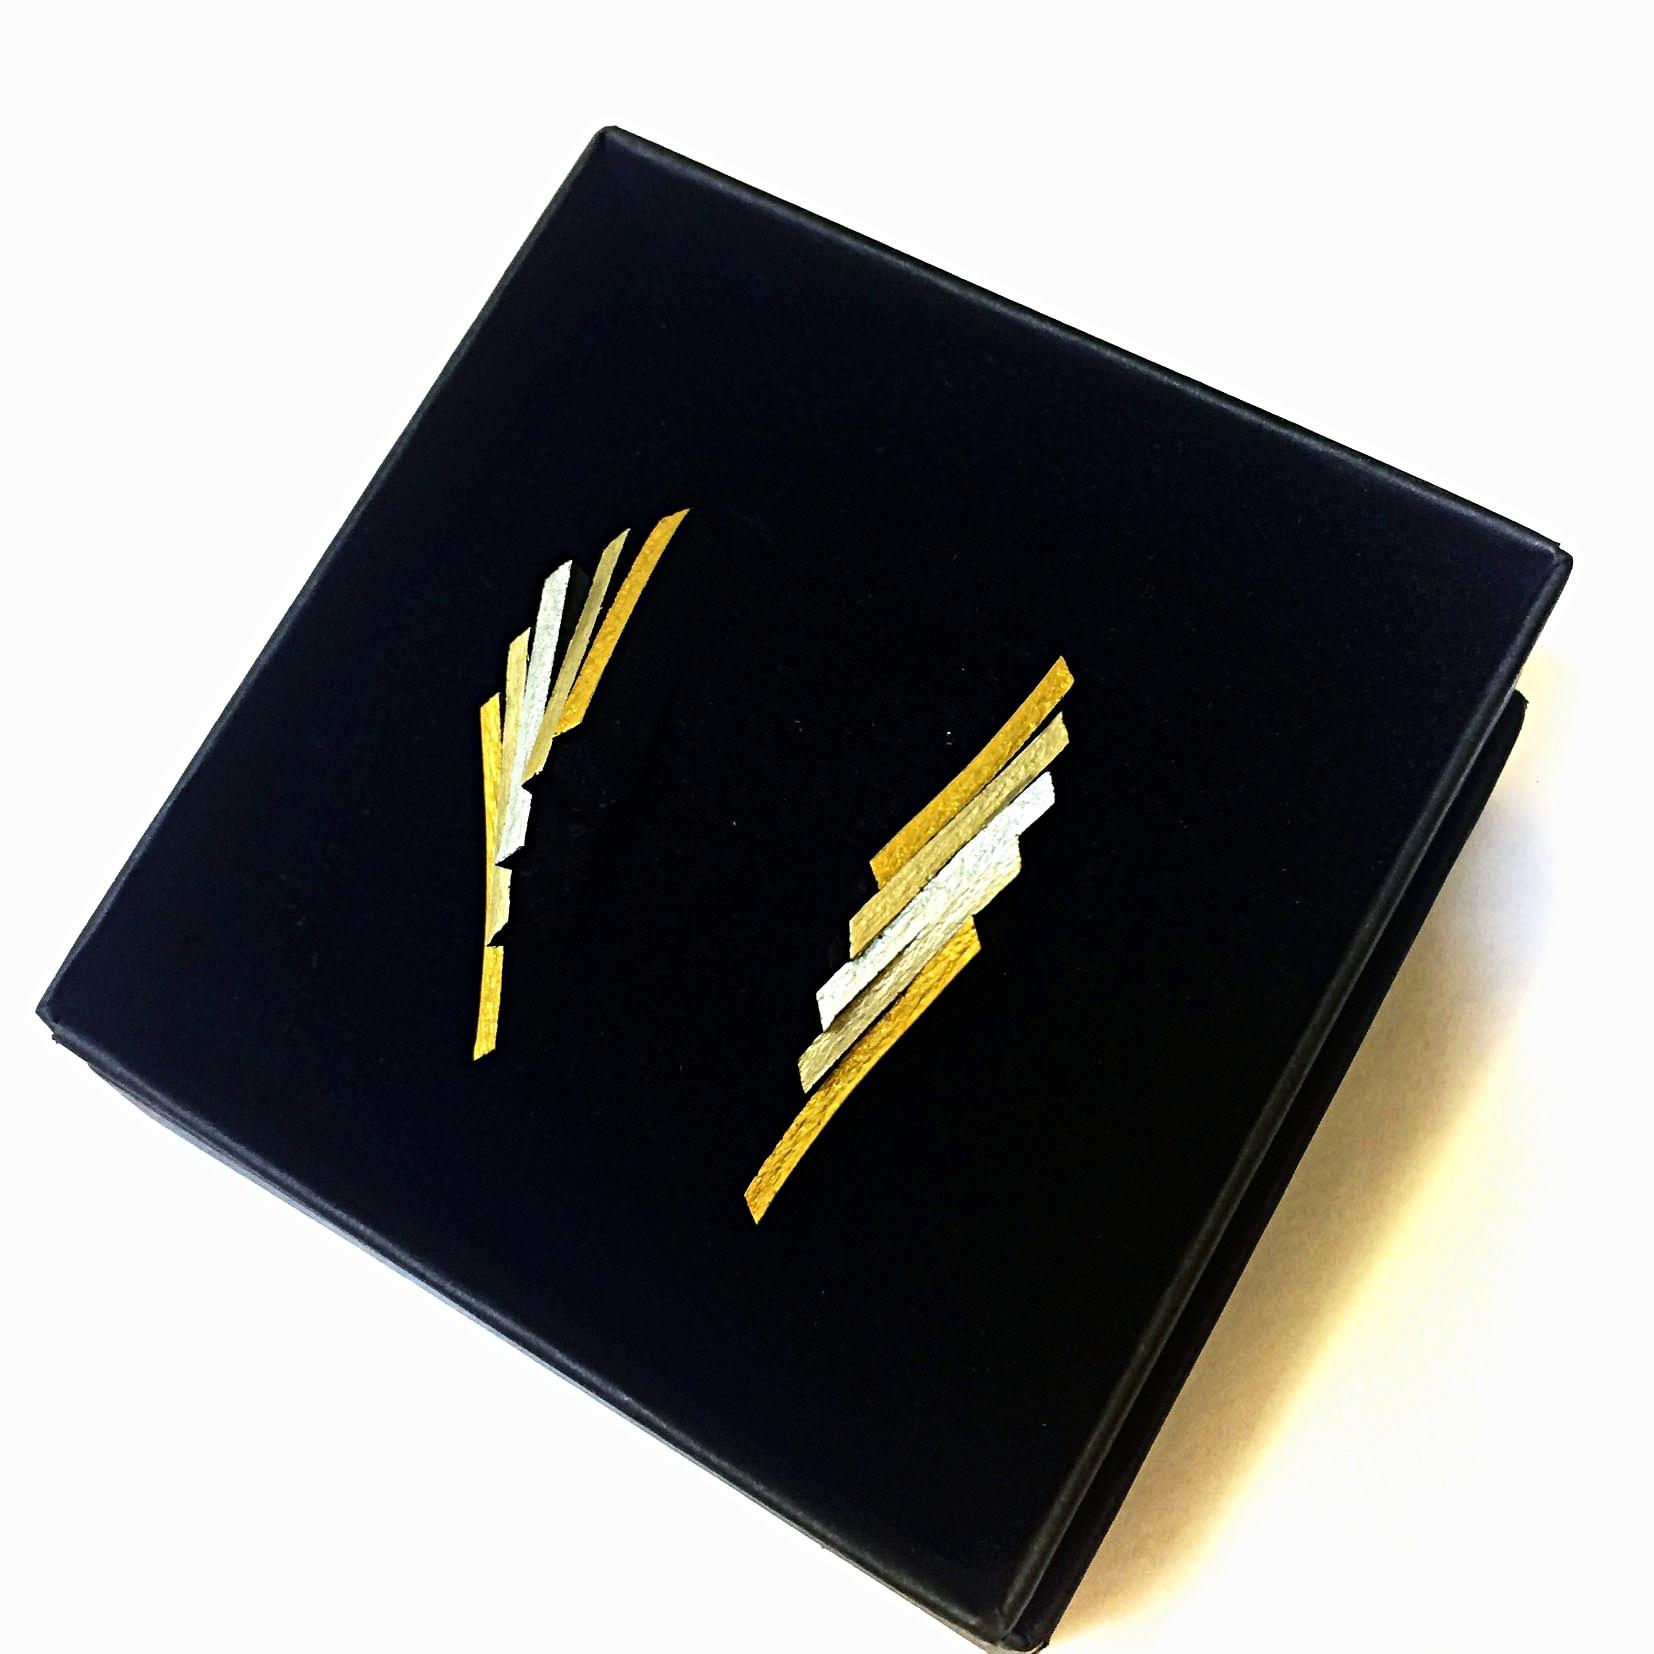 Flight Earrings Commission blended gold-silver - Jan17.jpg